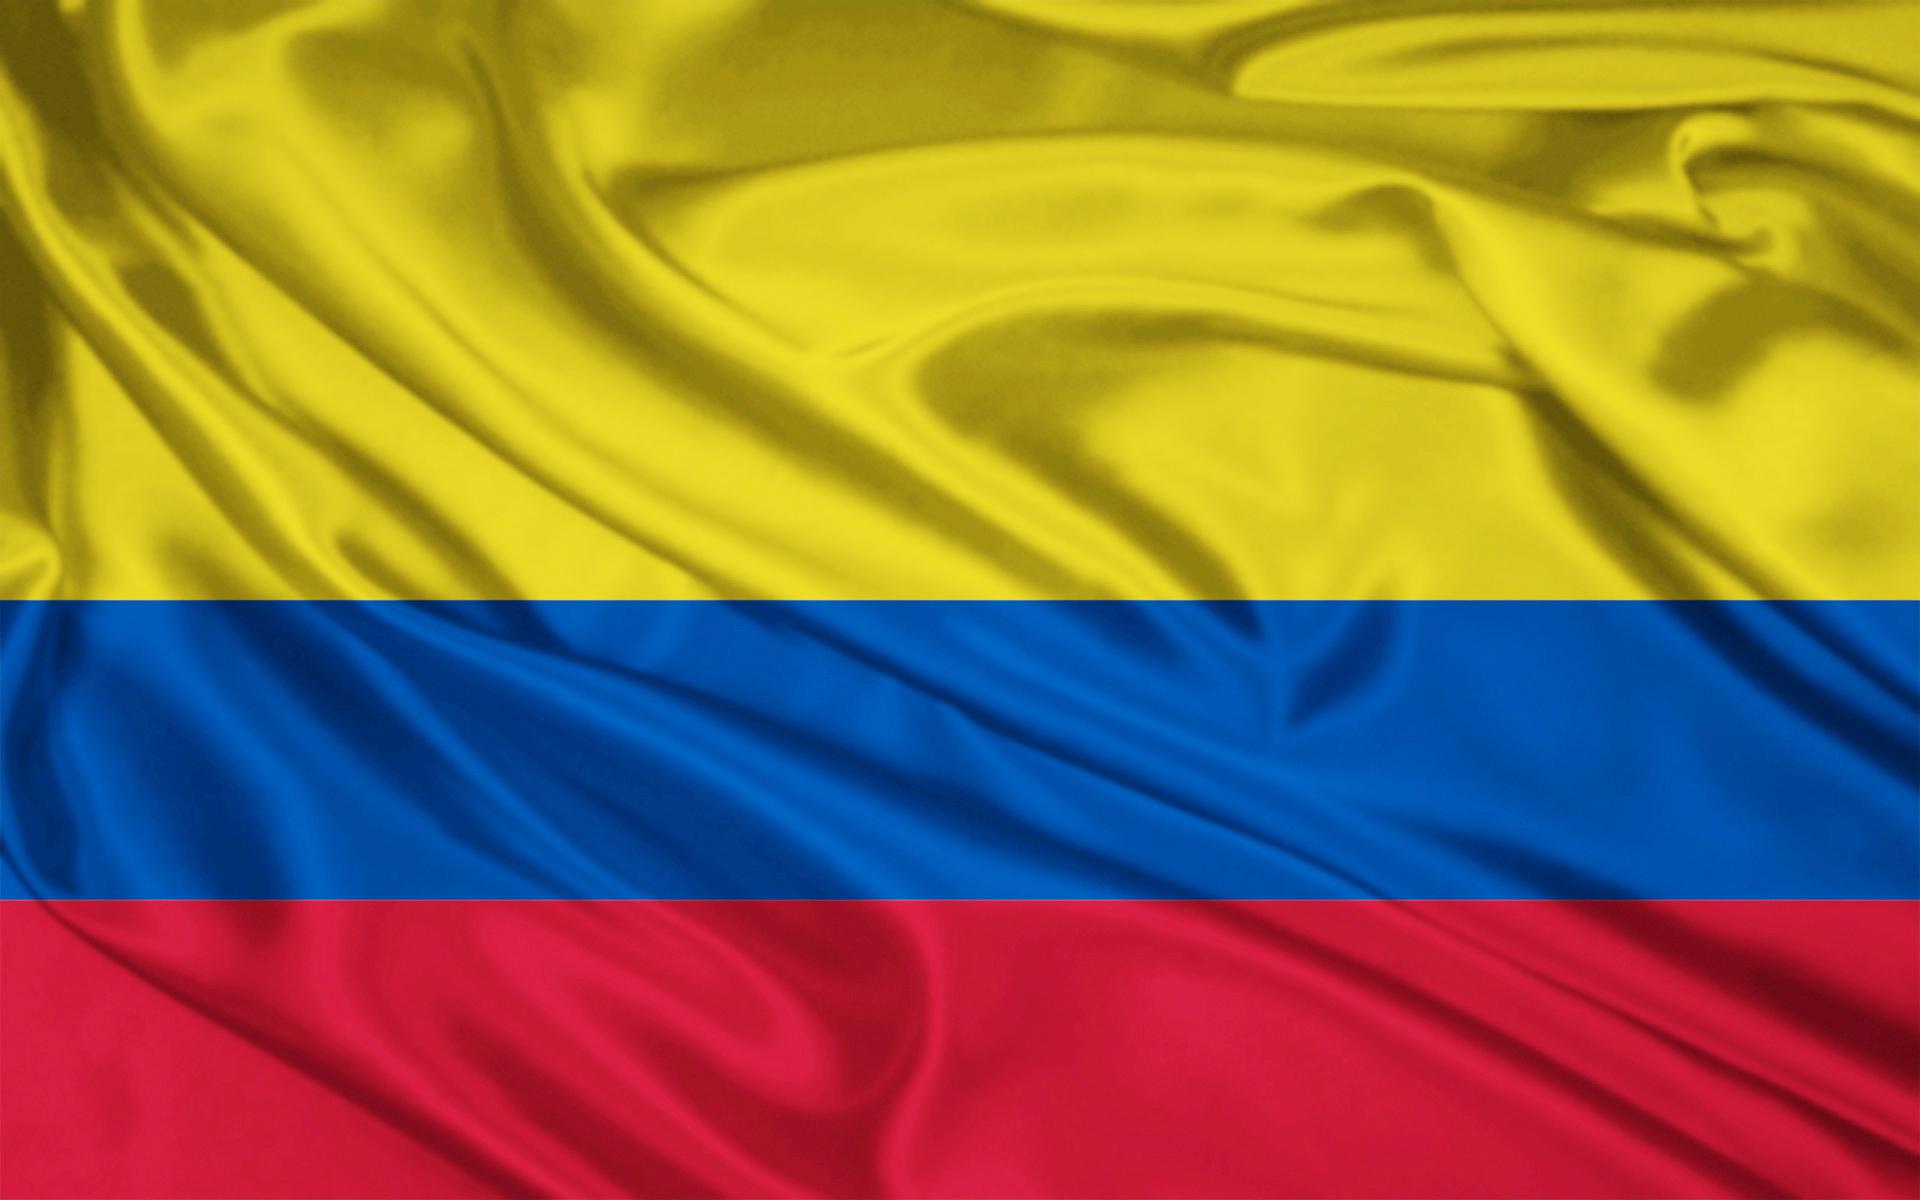 Adidas Seleccion Colombia 2014 Colombia Adidas Mundial 2014